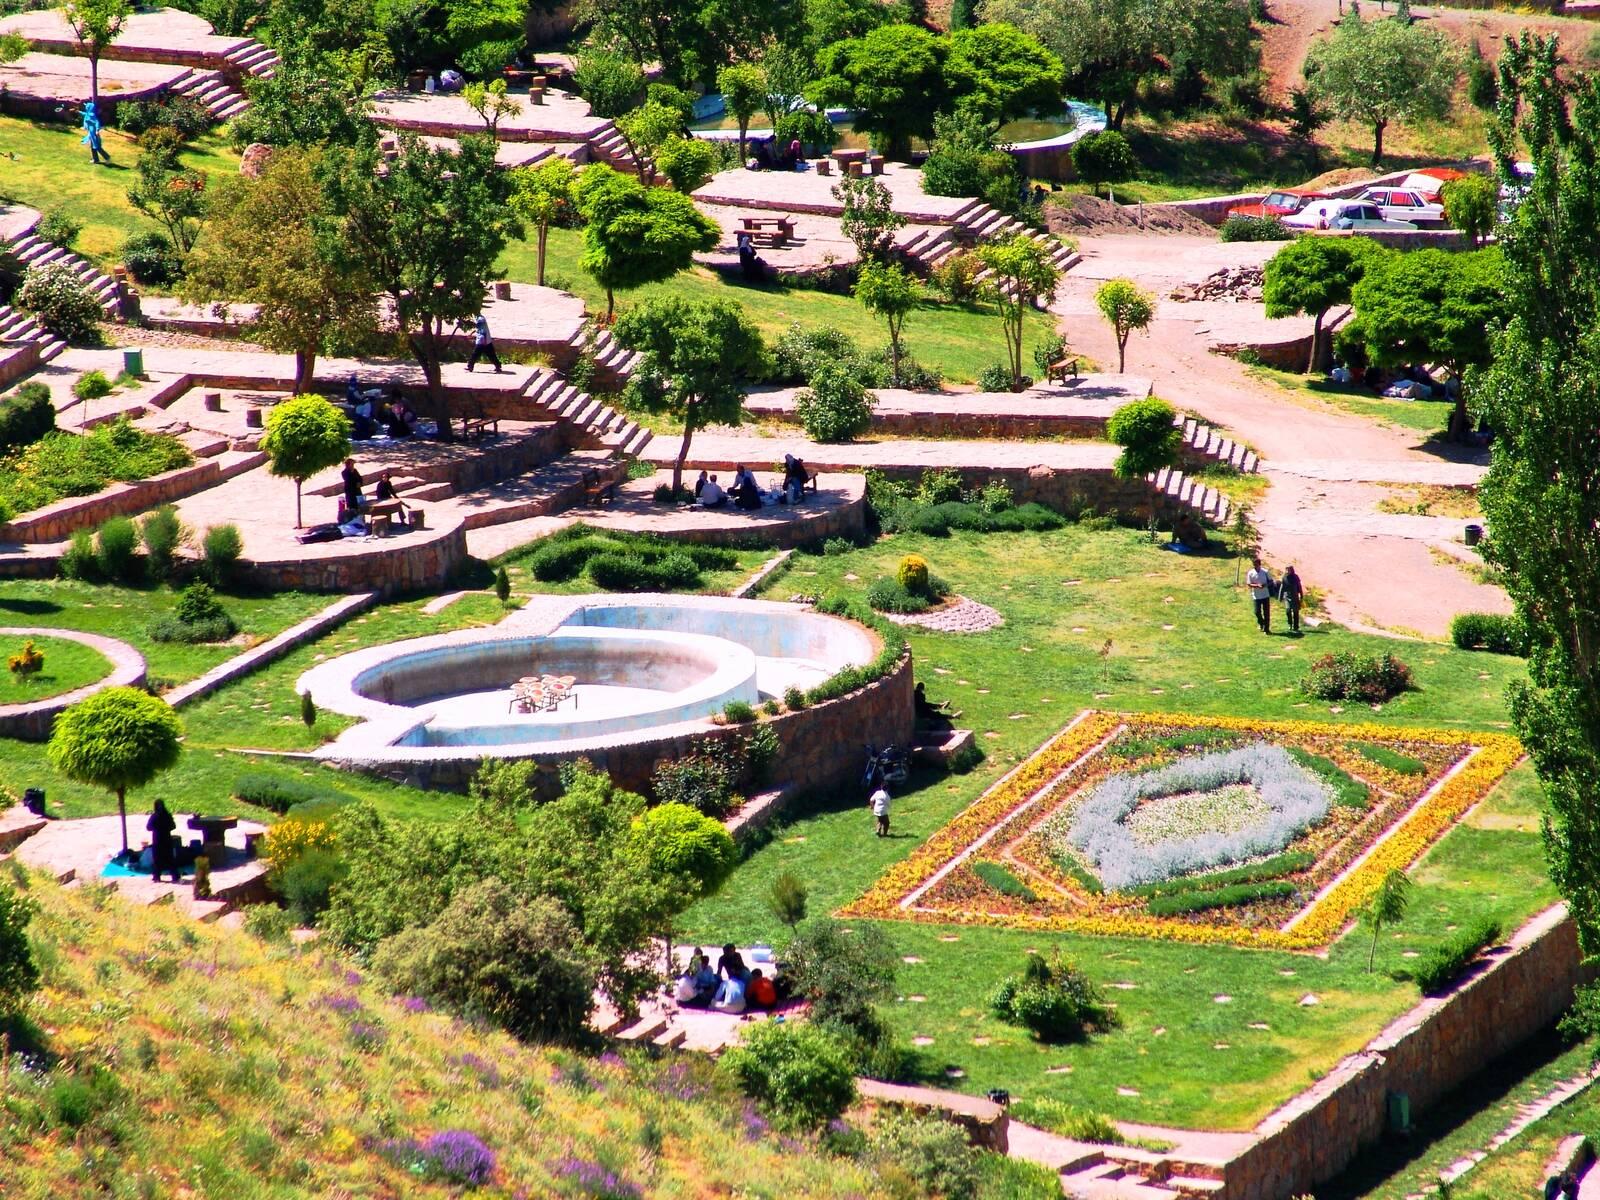 پارک جنگلی آبیدر ،جاذبه های گردشگری استان کردستان